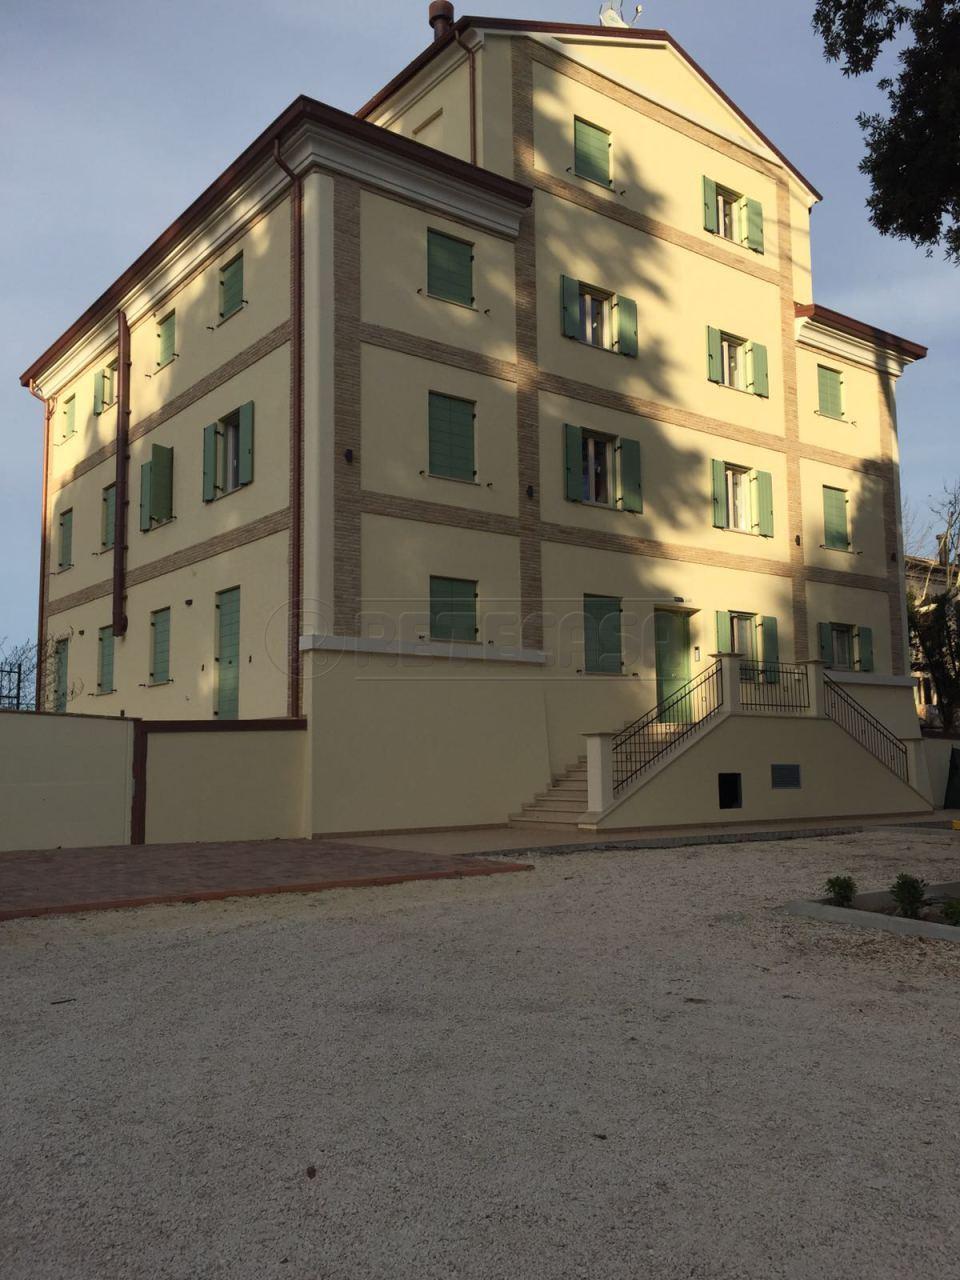 Appartamento in vendita a Osimo, 2 locali, prezzo € 133.000 | Cambio Casa.it